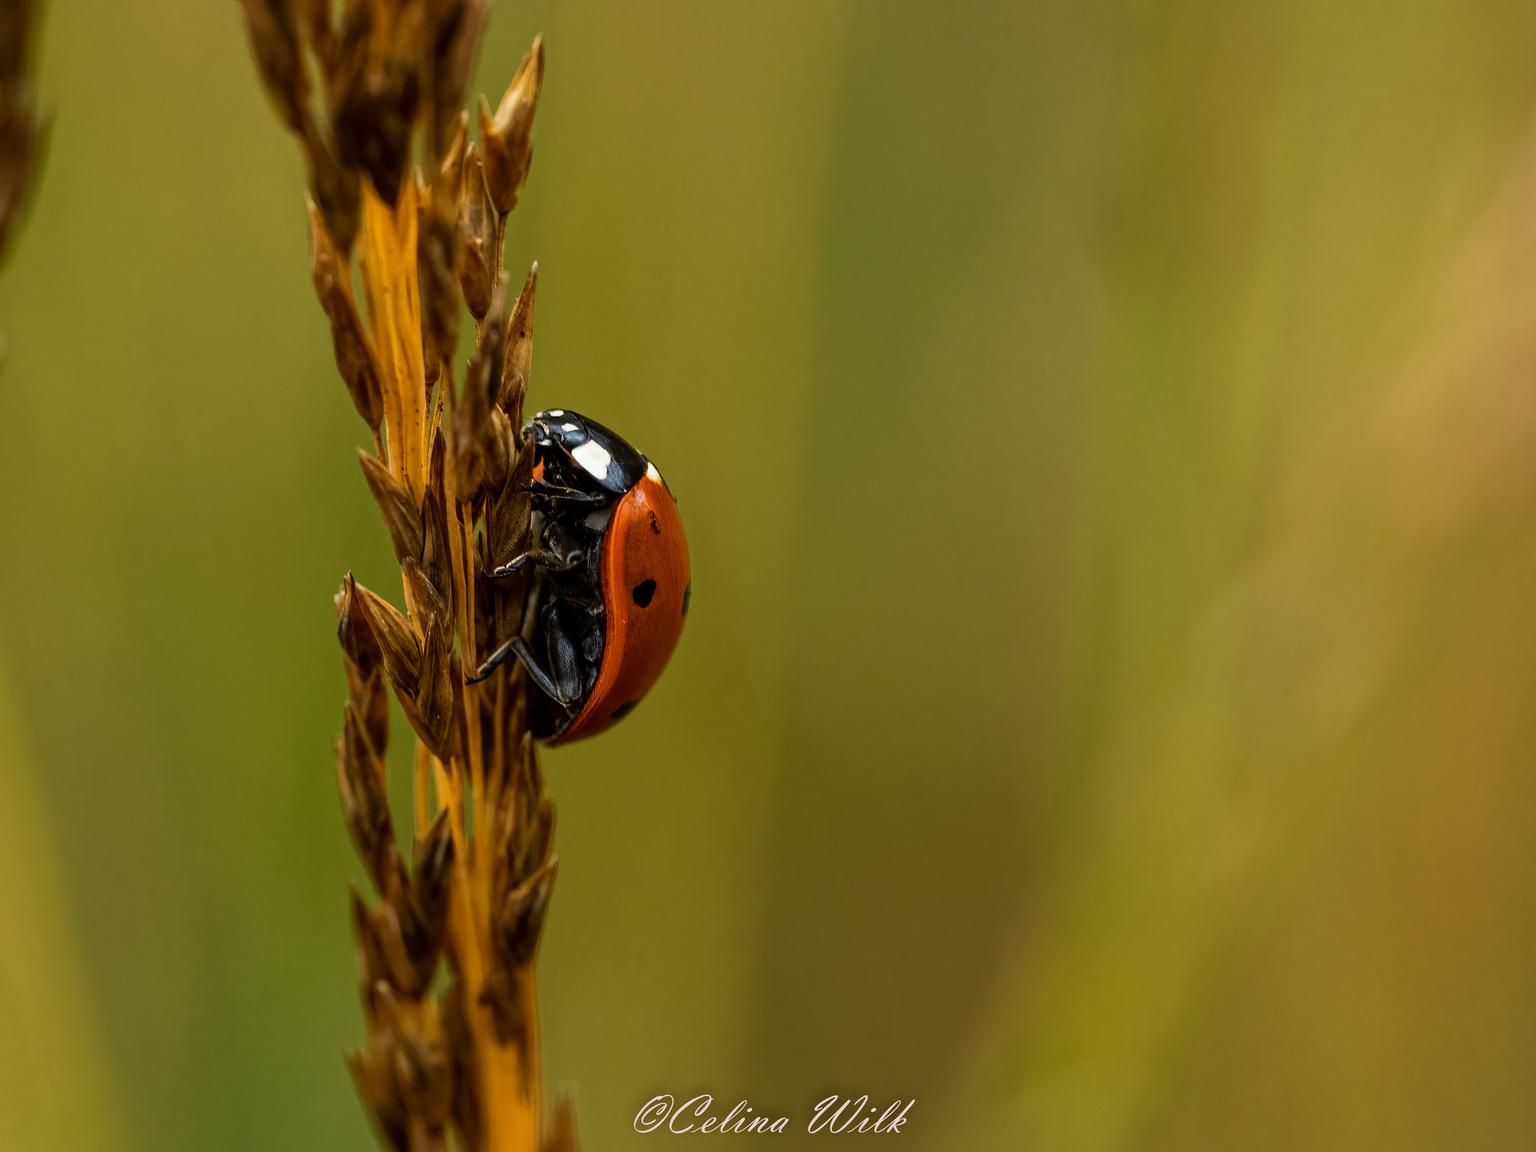 Lieveheersbeestje - Mijn favoriet kevertje - foto door CelineW op 11-04-2021 - locatie: Mastbos, Breda, Nederland - deze foto bevat: geleedpotigen, insect, fabriek, kever, lieveheersbeestje, gras, parasiet, plaag, rode insecten, macrofotografie